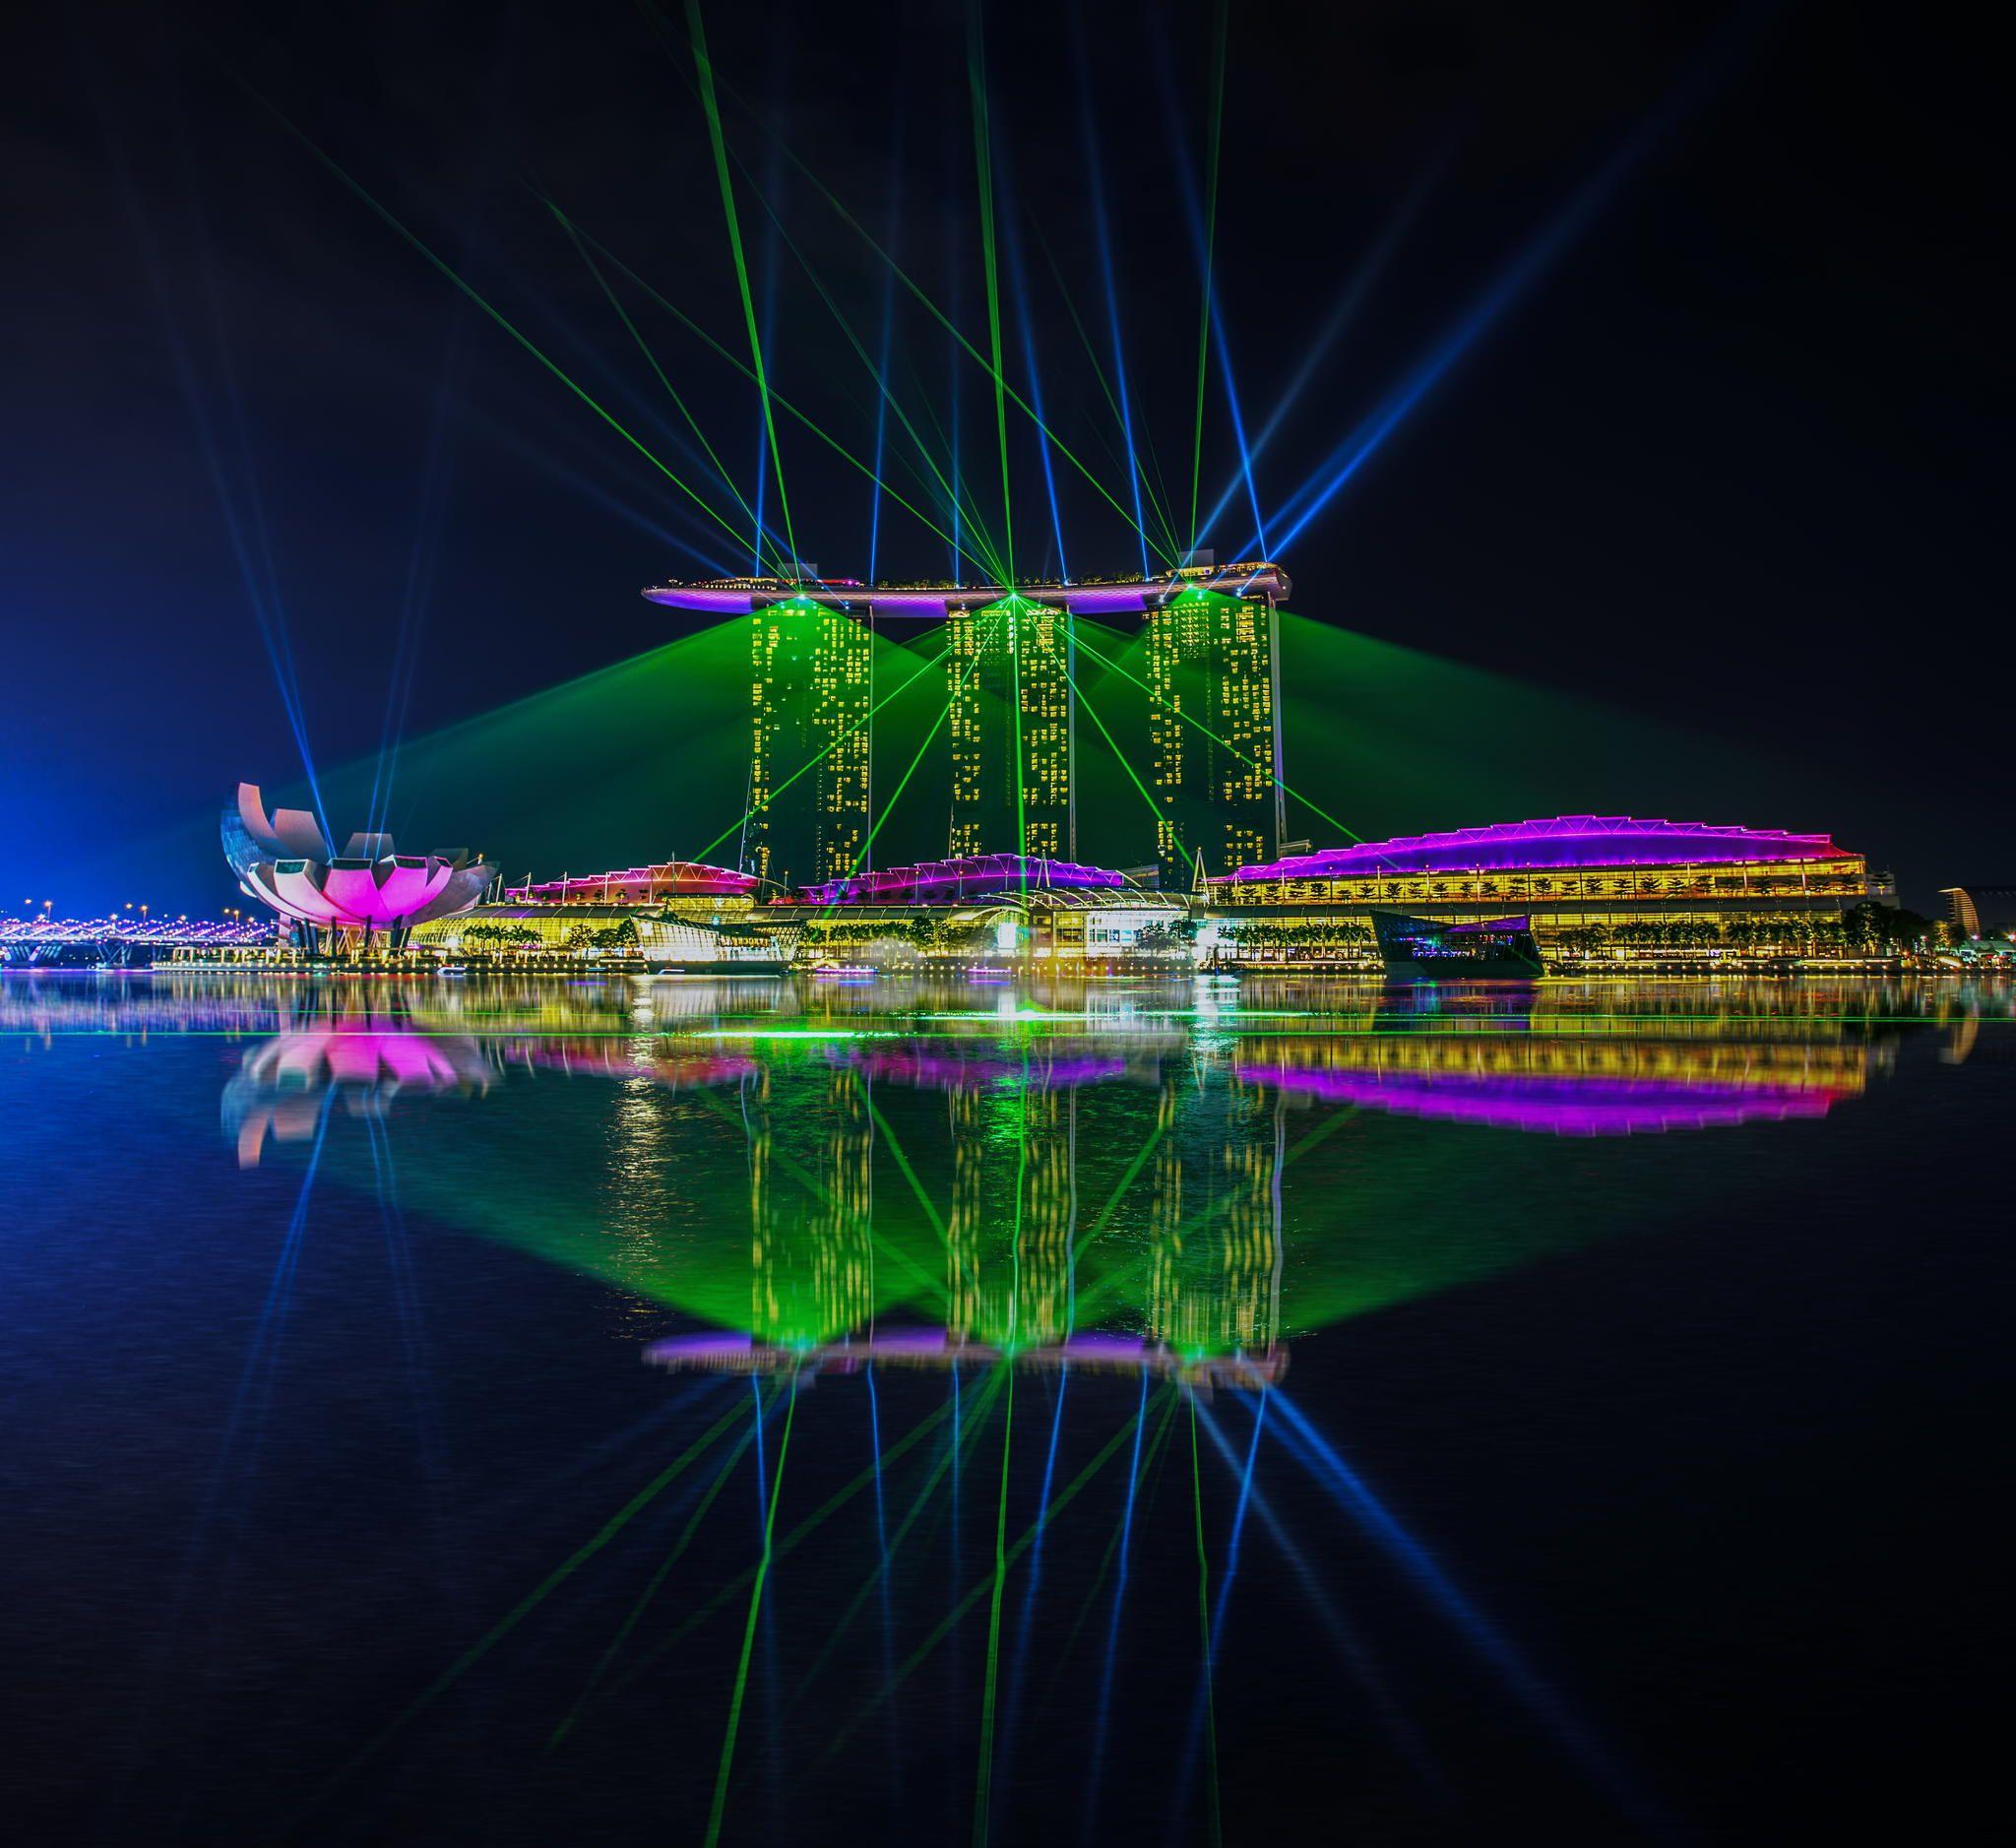 singapore marina bay sands hotel laser show name wonderful marina